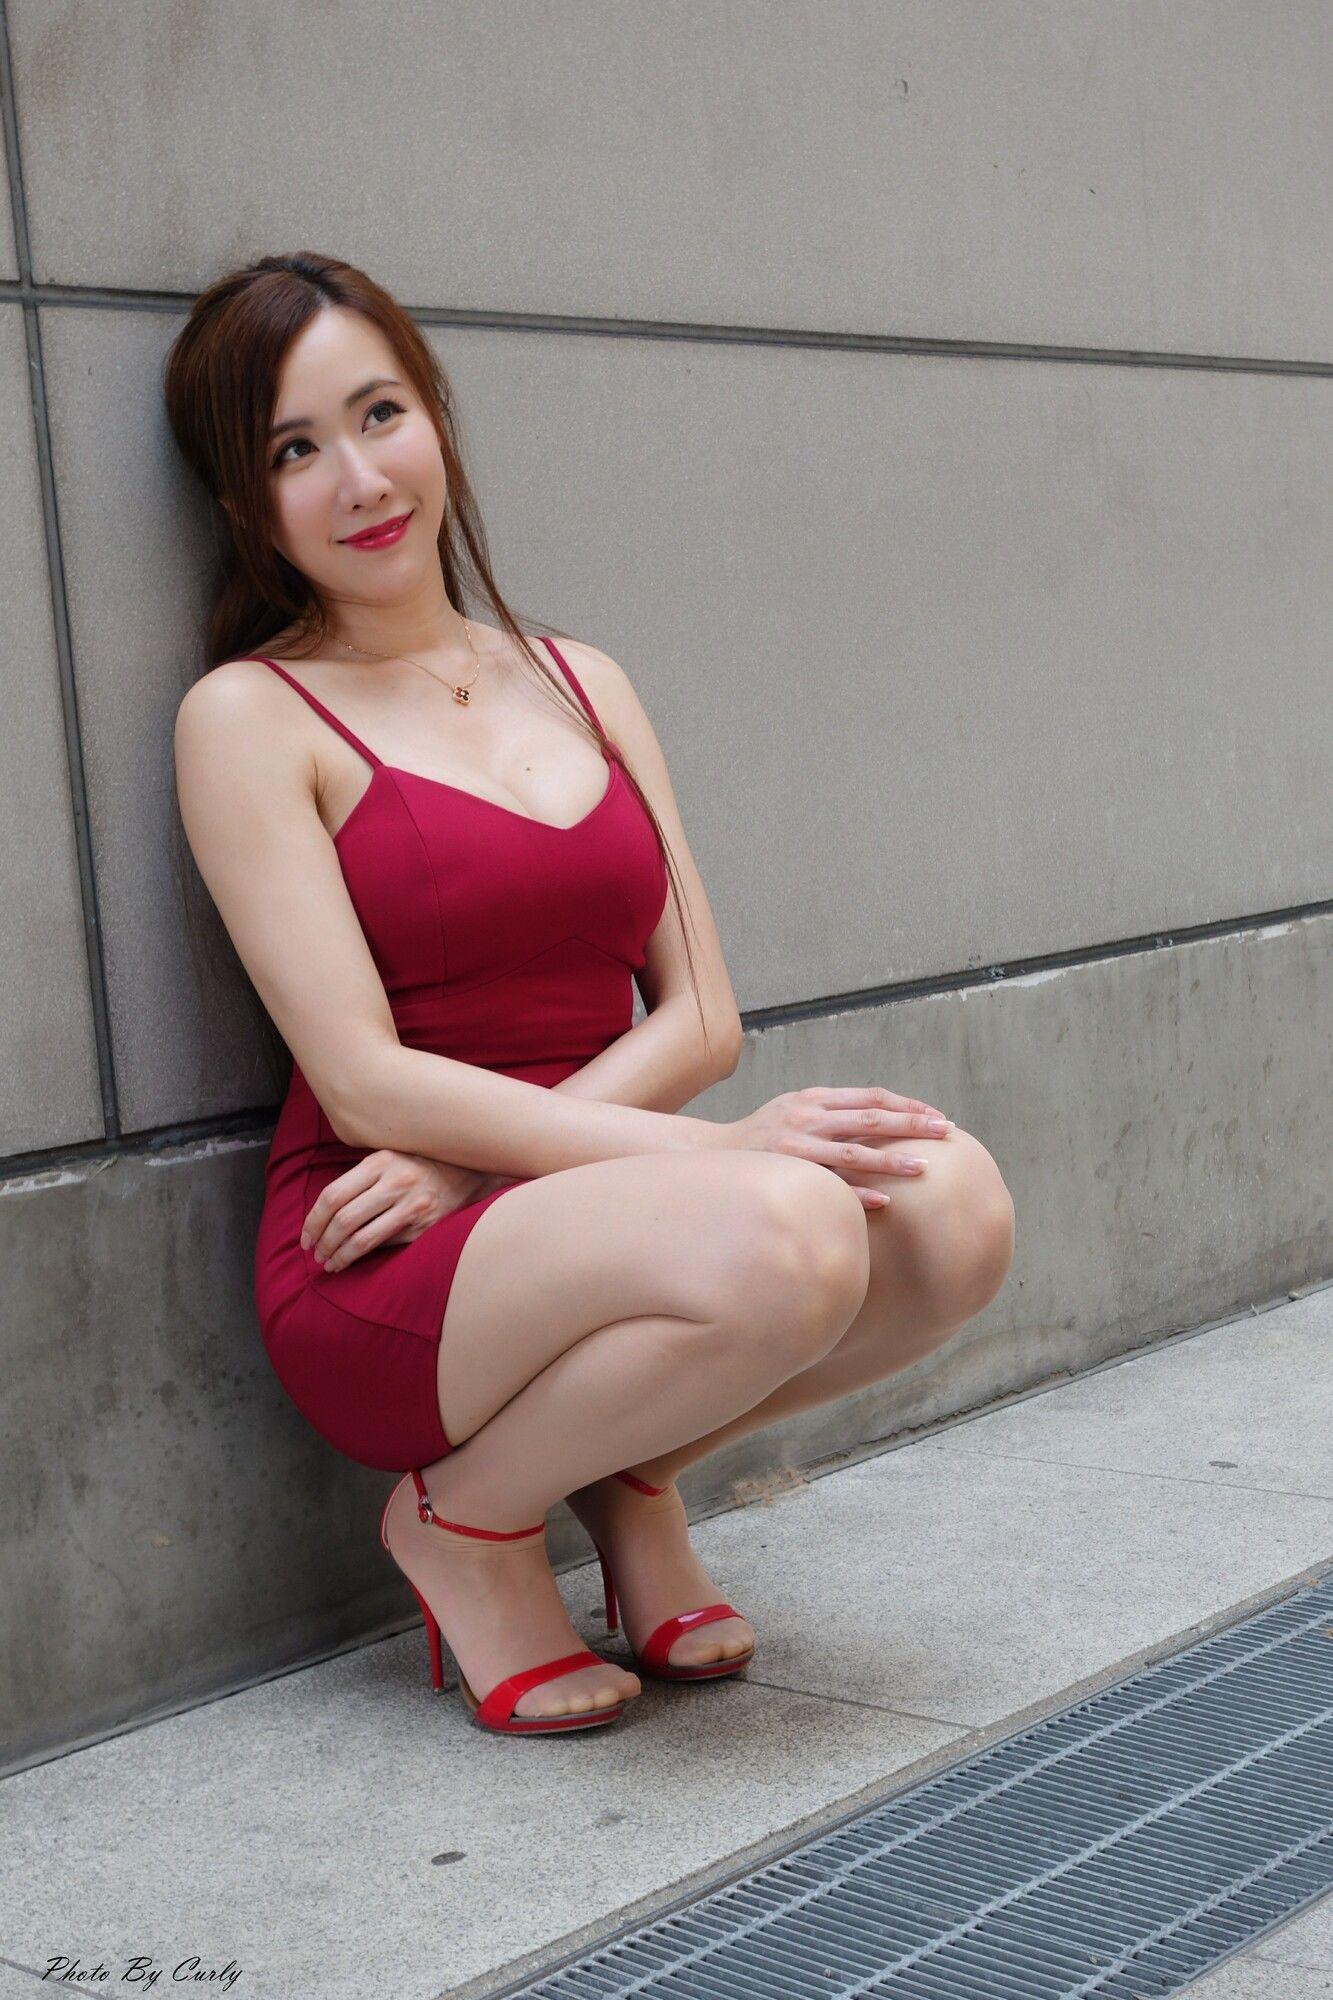 VOL.1970 [台湾正妹]熟女包臀裙美女长腿美女街拍美臀吊带:曾妍希(腿模Dora)超高清个人性感漂亮大图(86P)